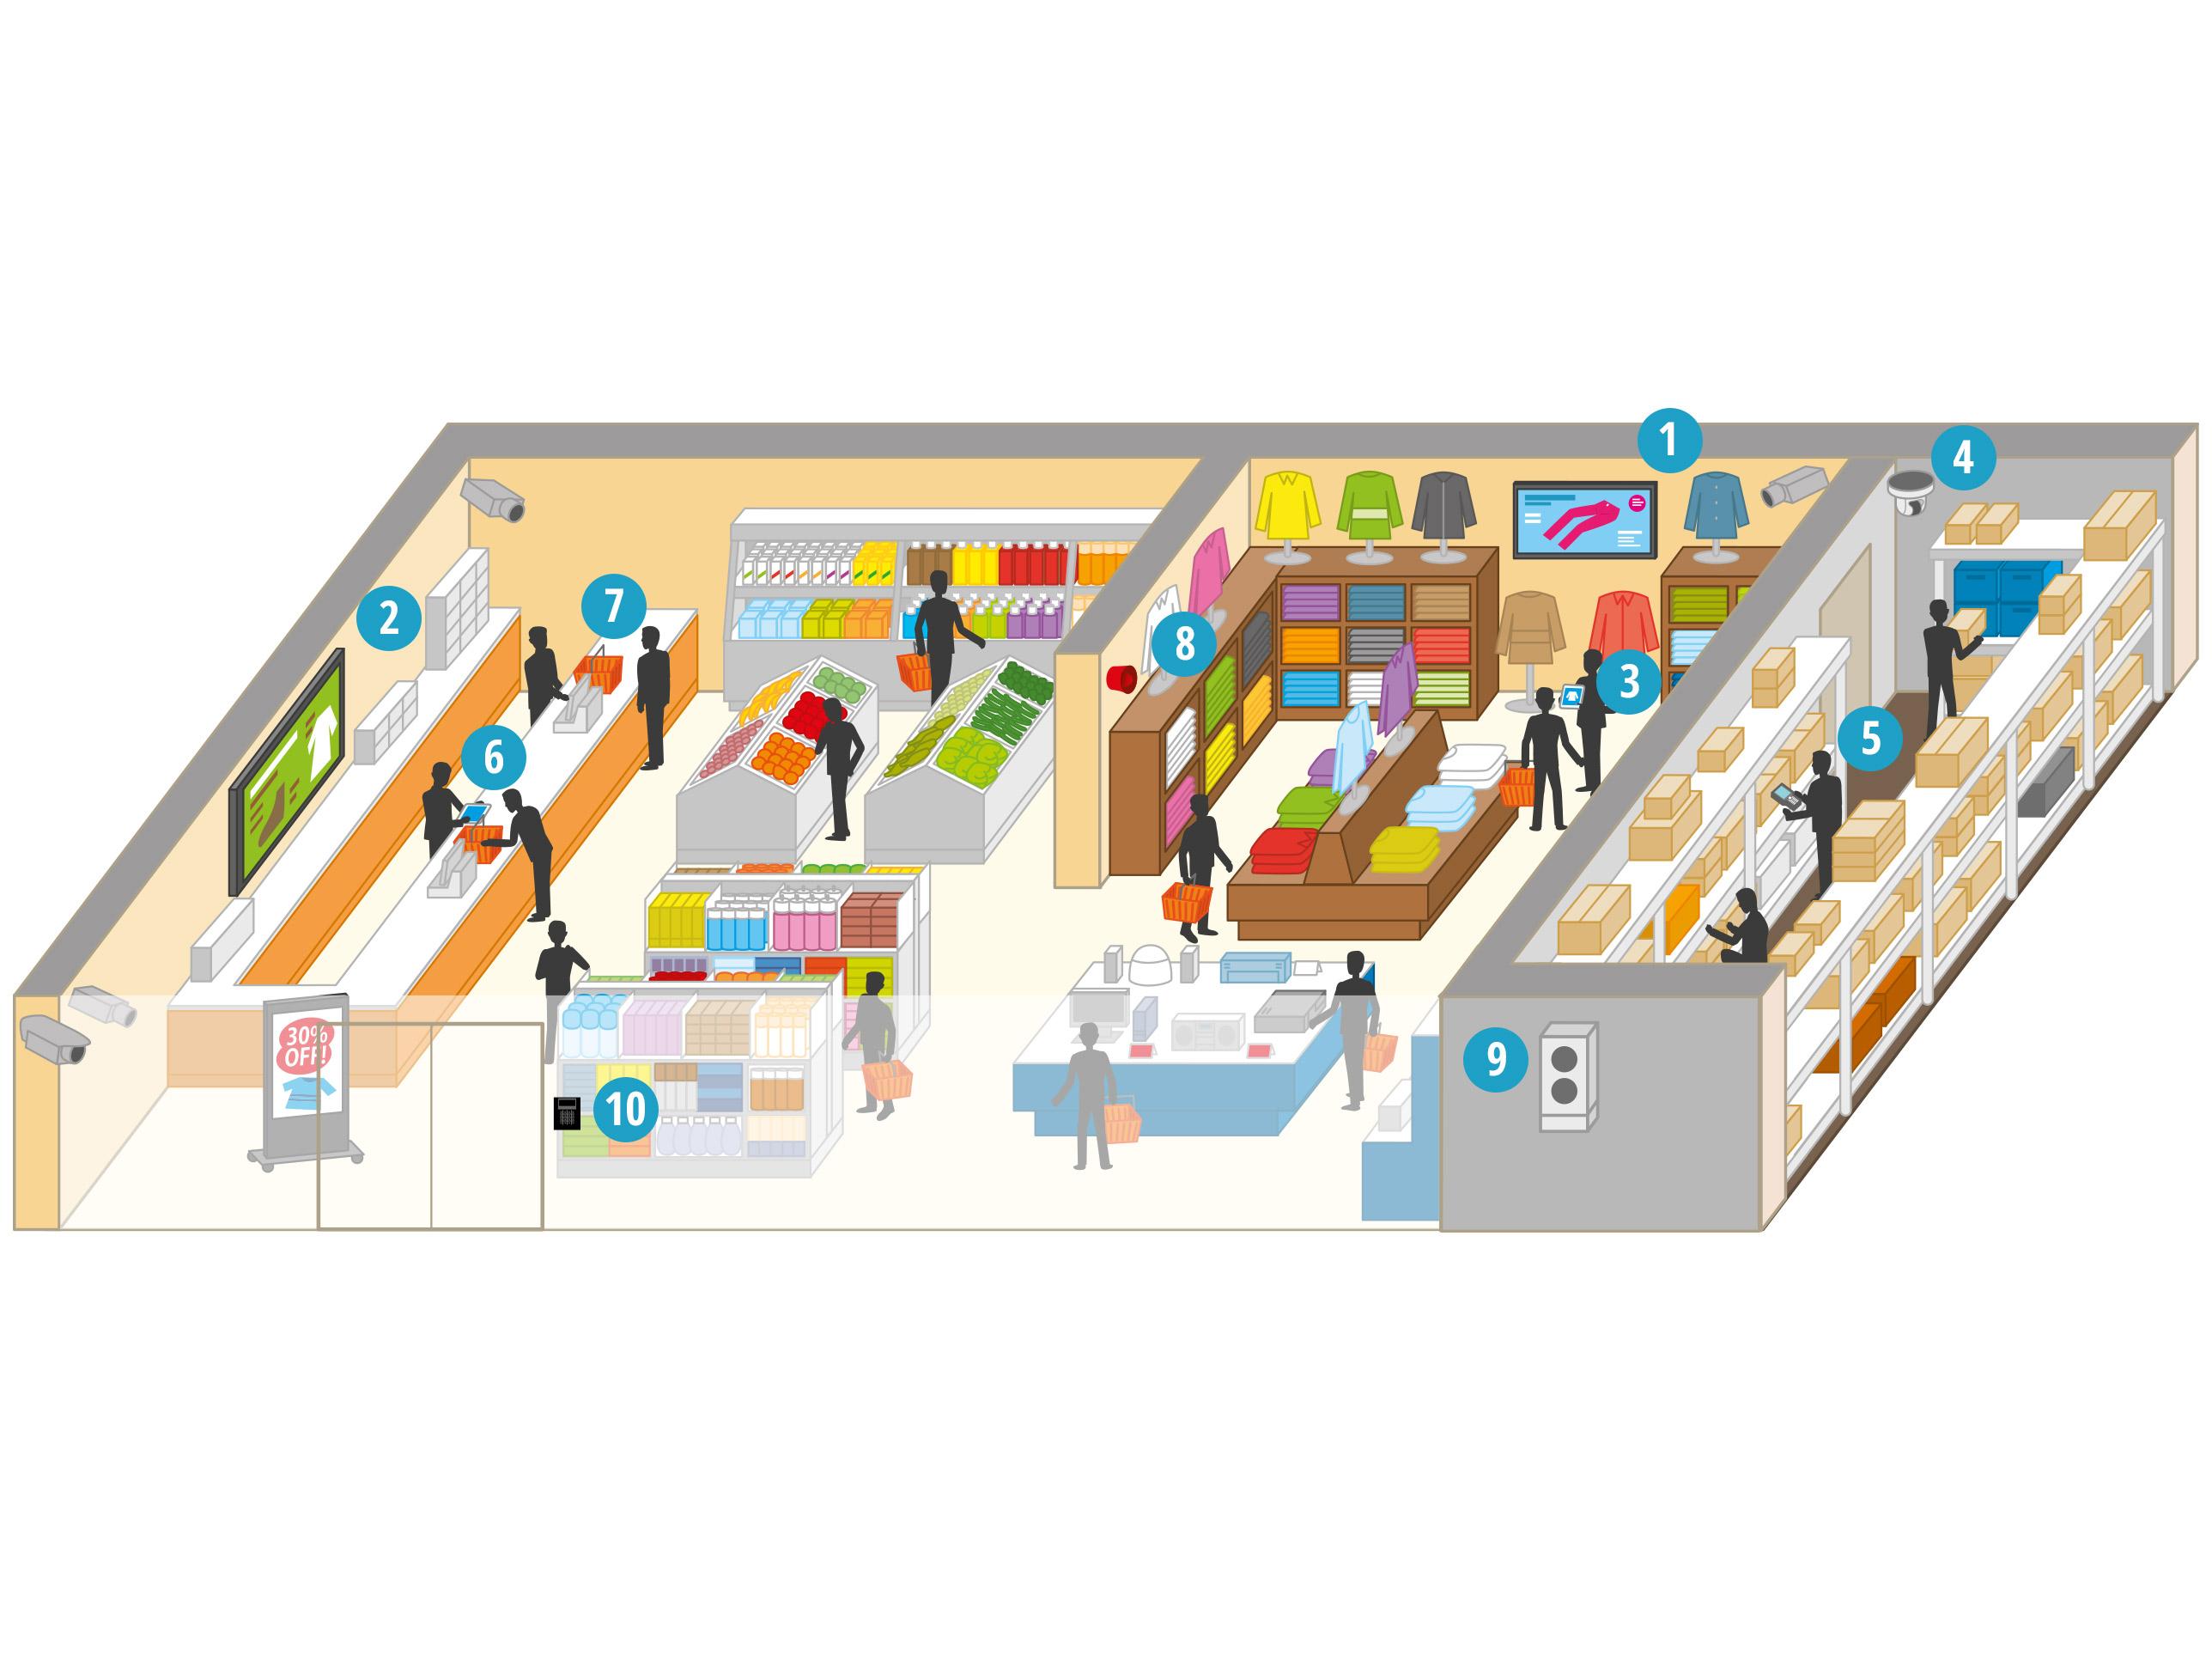 Comment les solutions de Panasonic aident-elles le Retail?